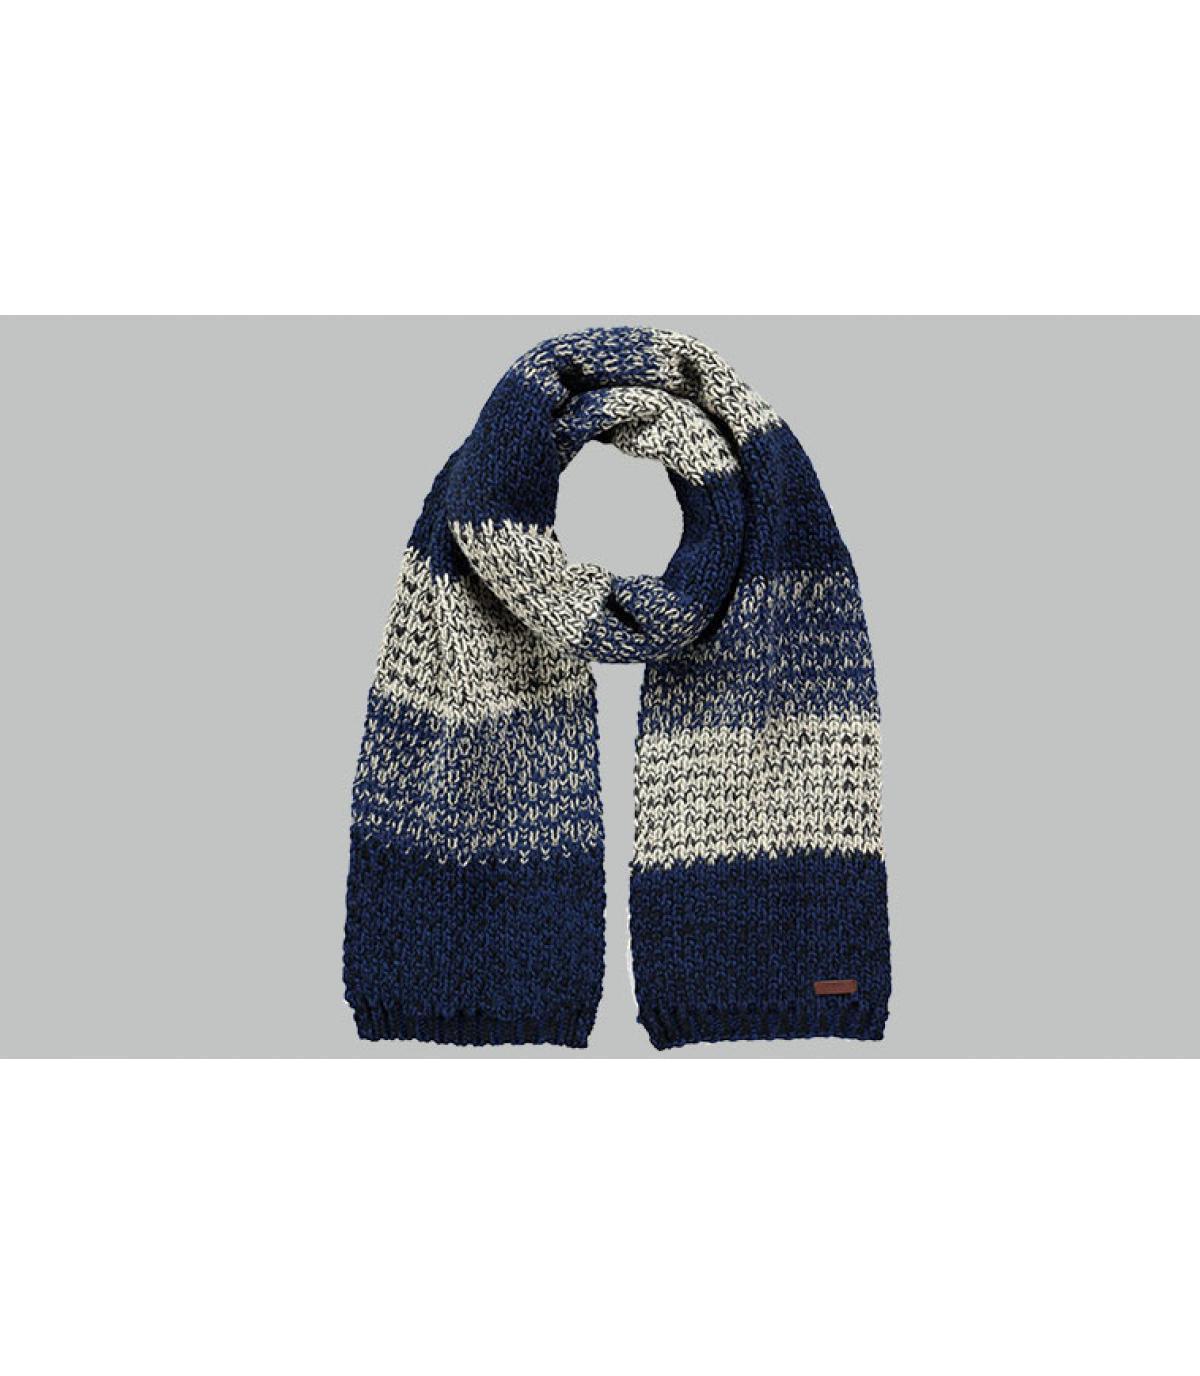 sjaal grijze blauwe strepen